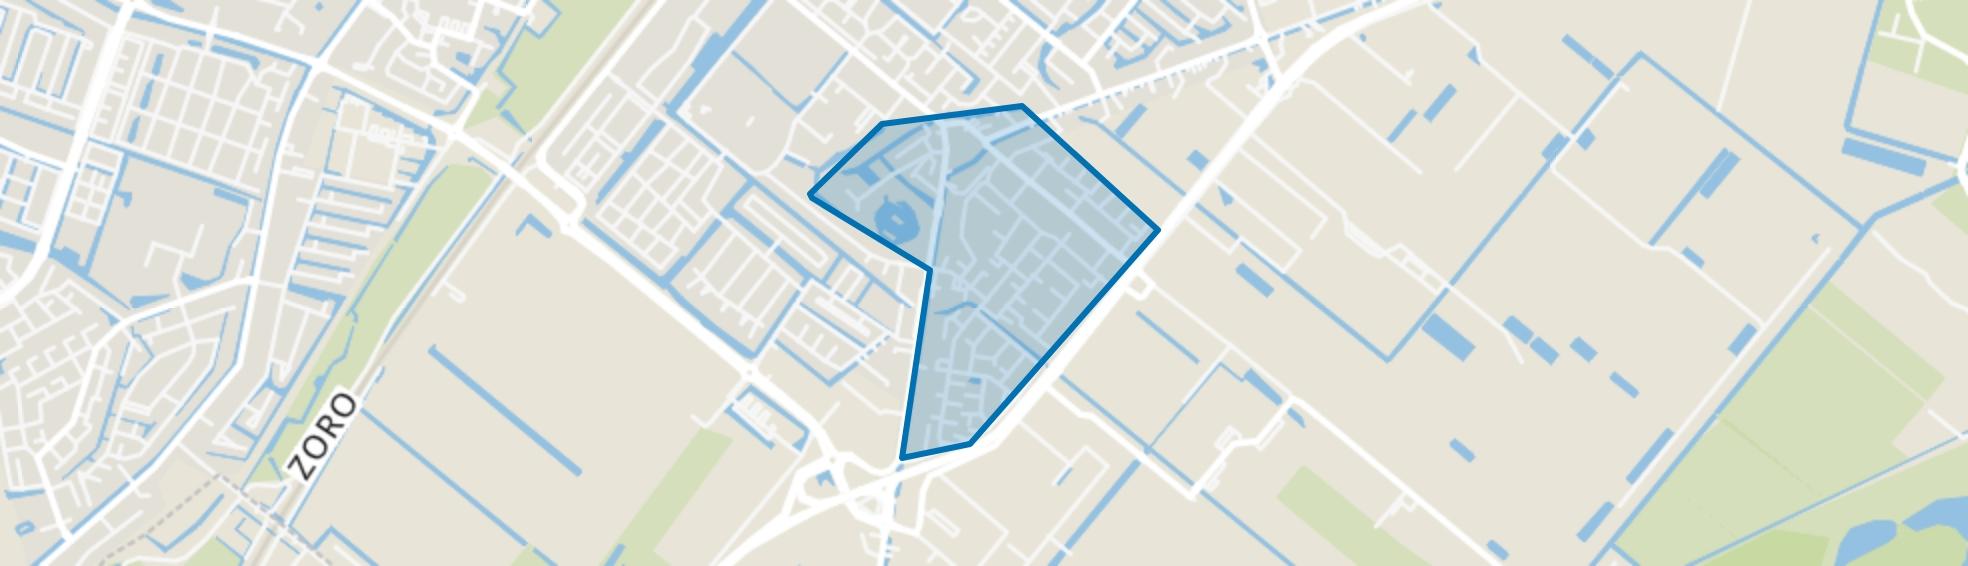 Dorp Bergschenhoek, Bergschenhoek map